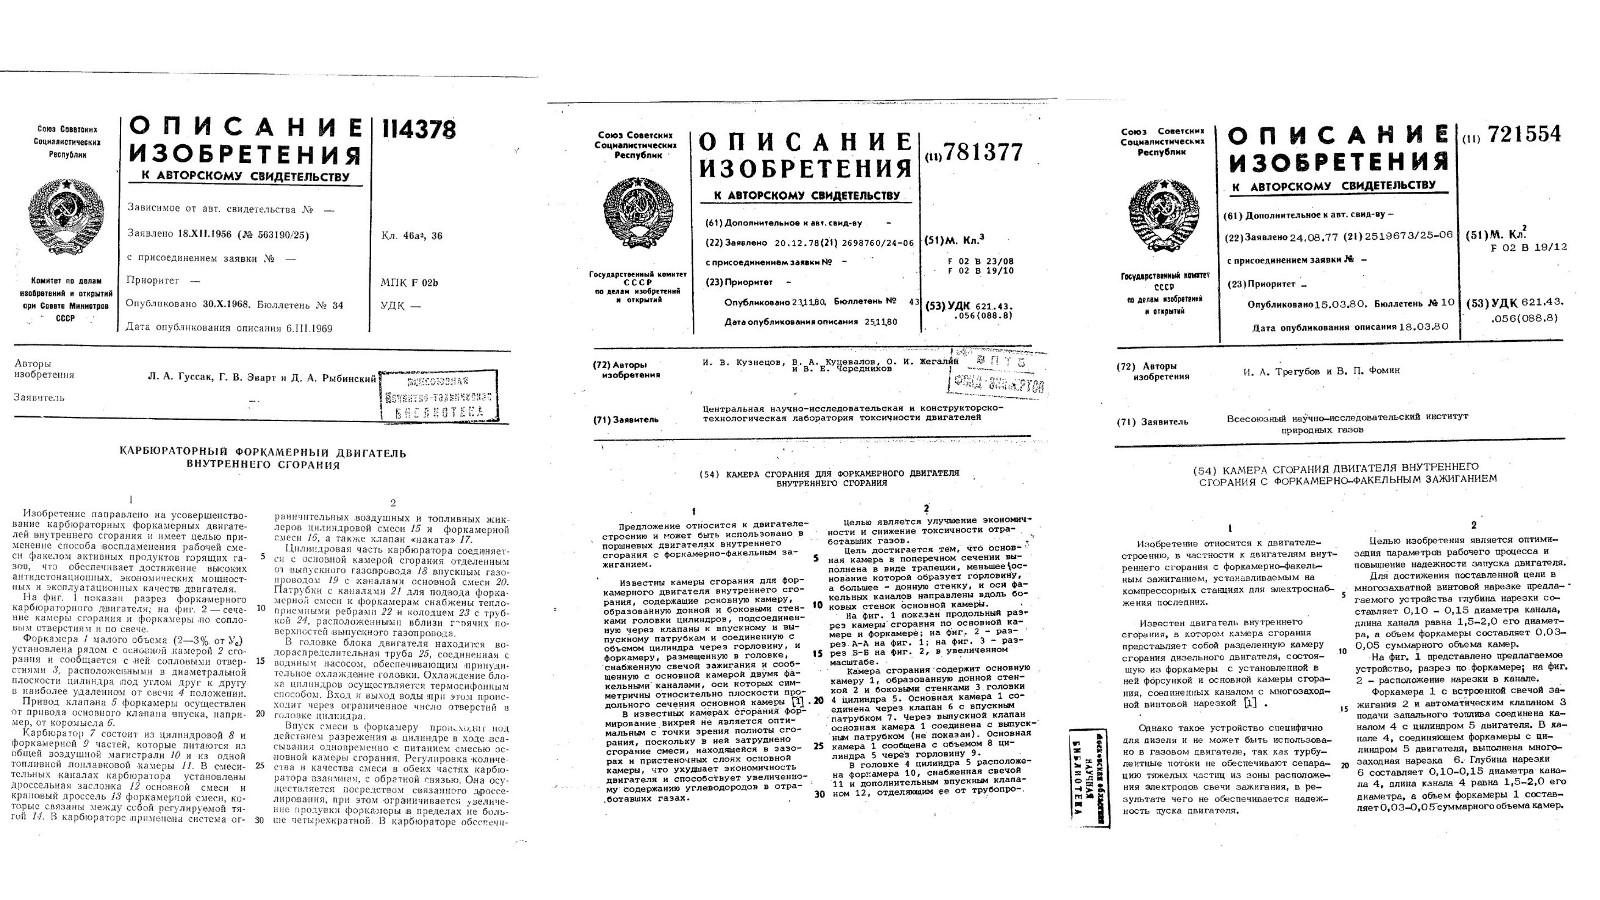 Над форкамерно-факельным зажиганием в СССР работали разные коллективы конструкторов, что подтверждается несколькими авторскими свидетельствами